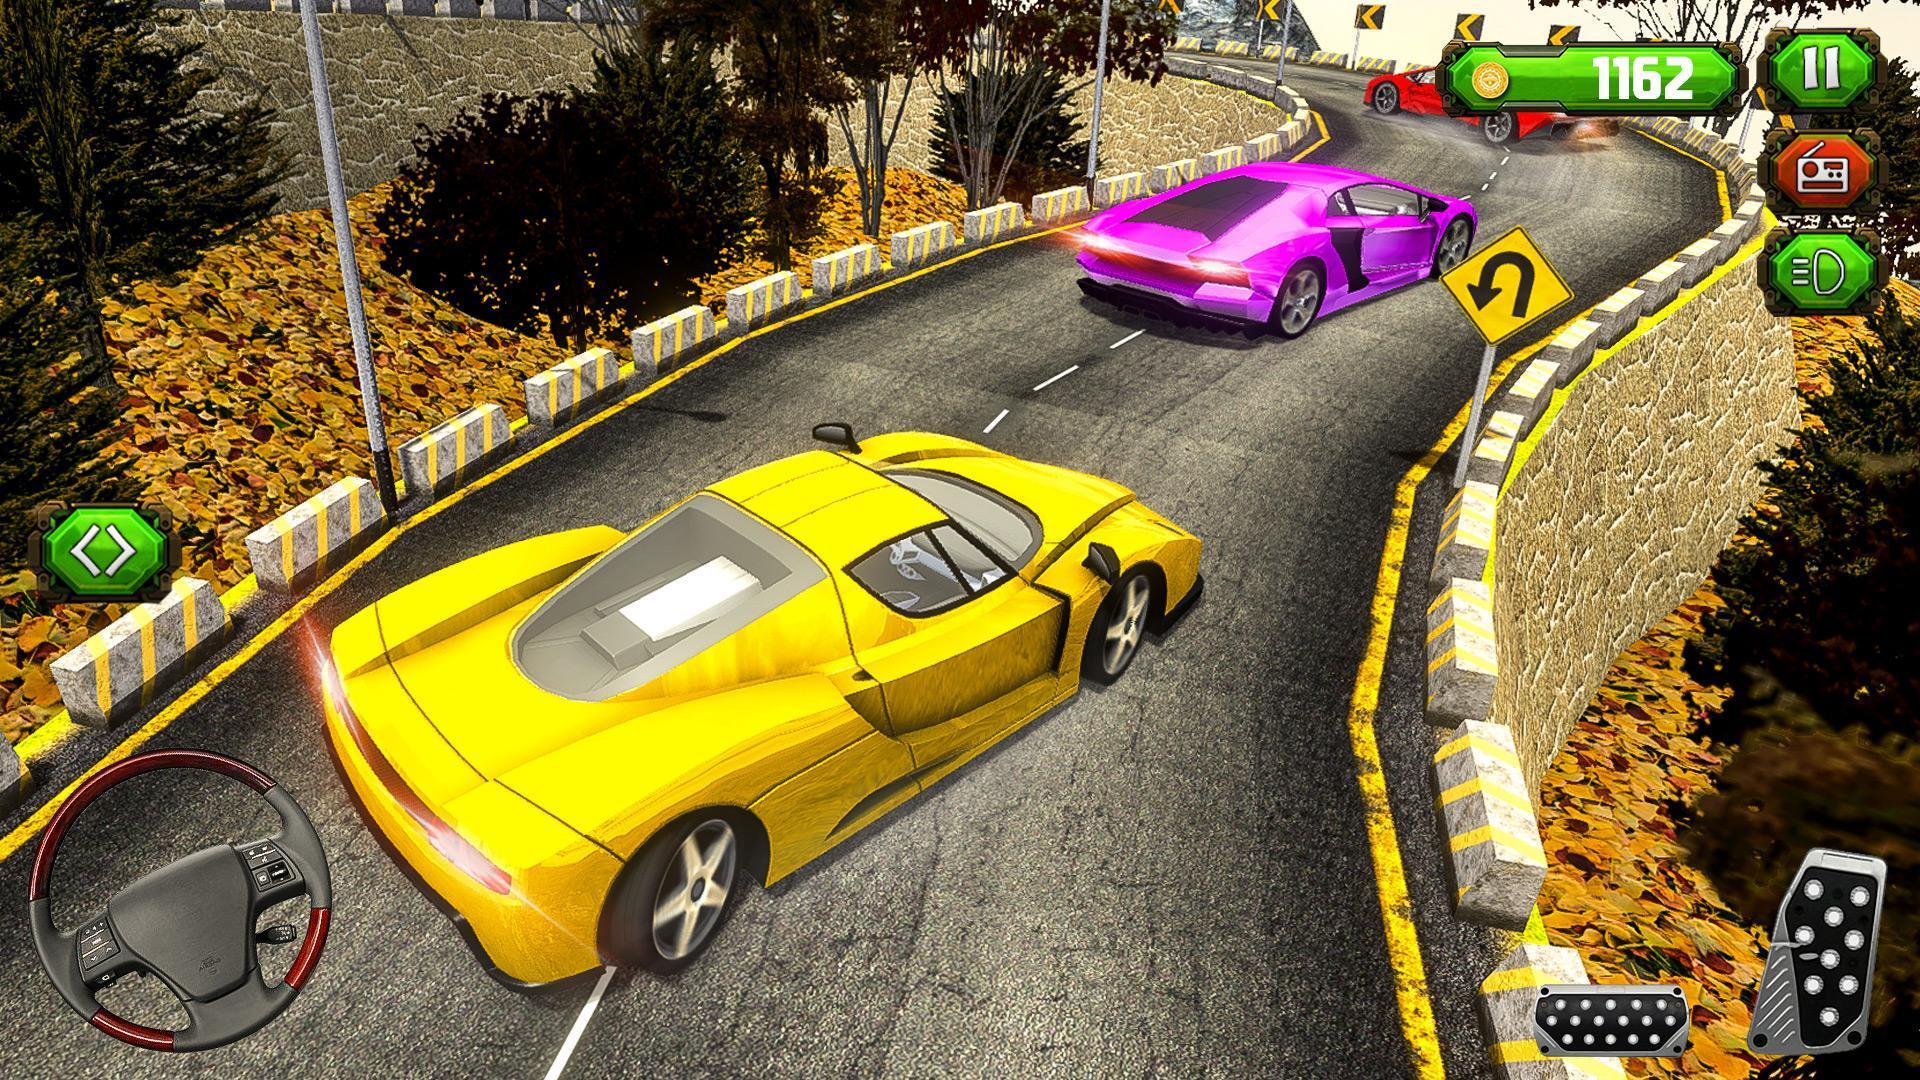 Jeux De Voiture 2020: Jeu De Course Automobile Pour Android pour Les Jeux De Voiture De Course